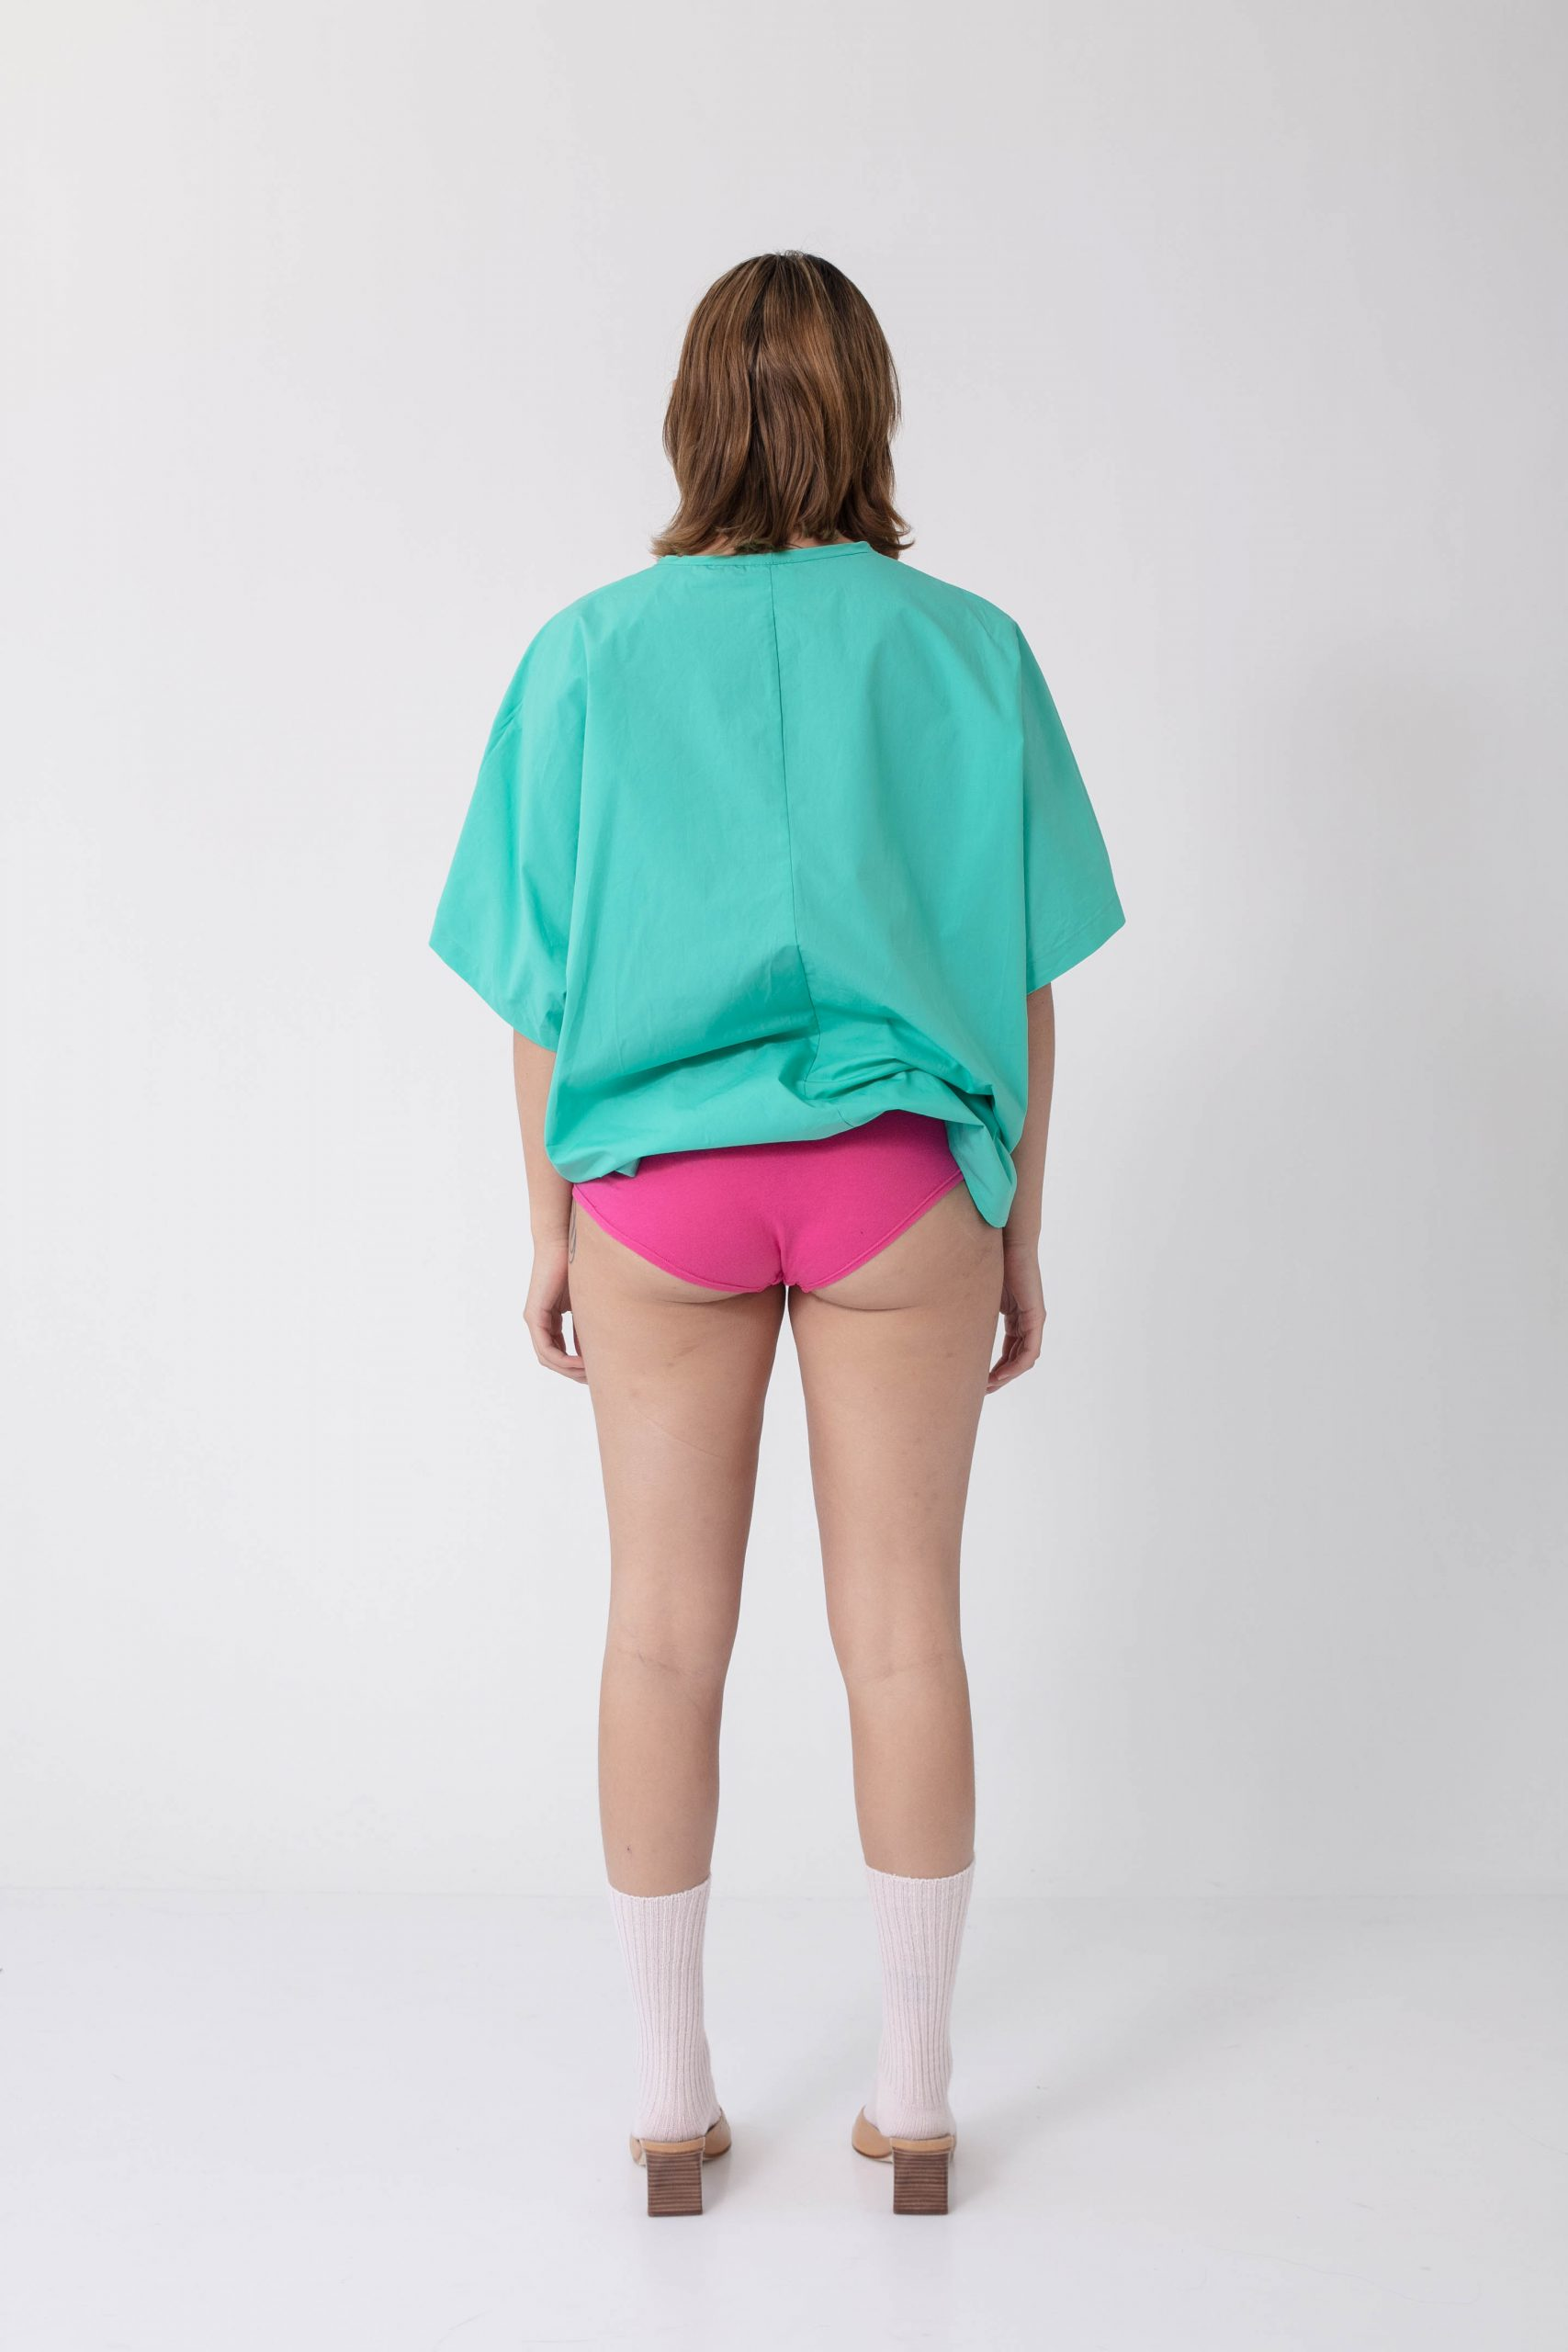 Green woven shirt